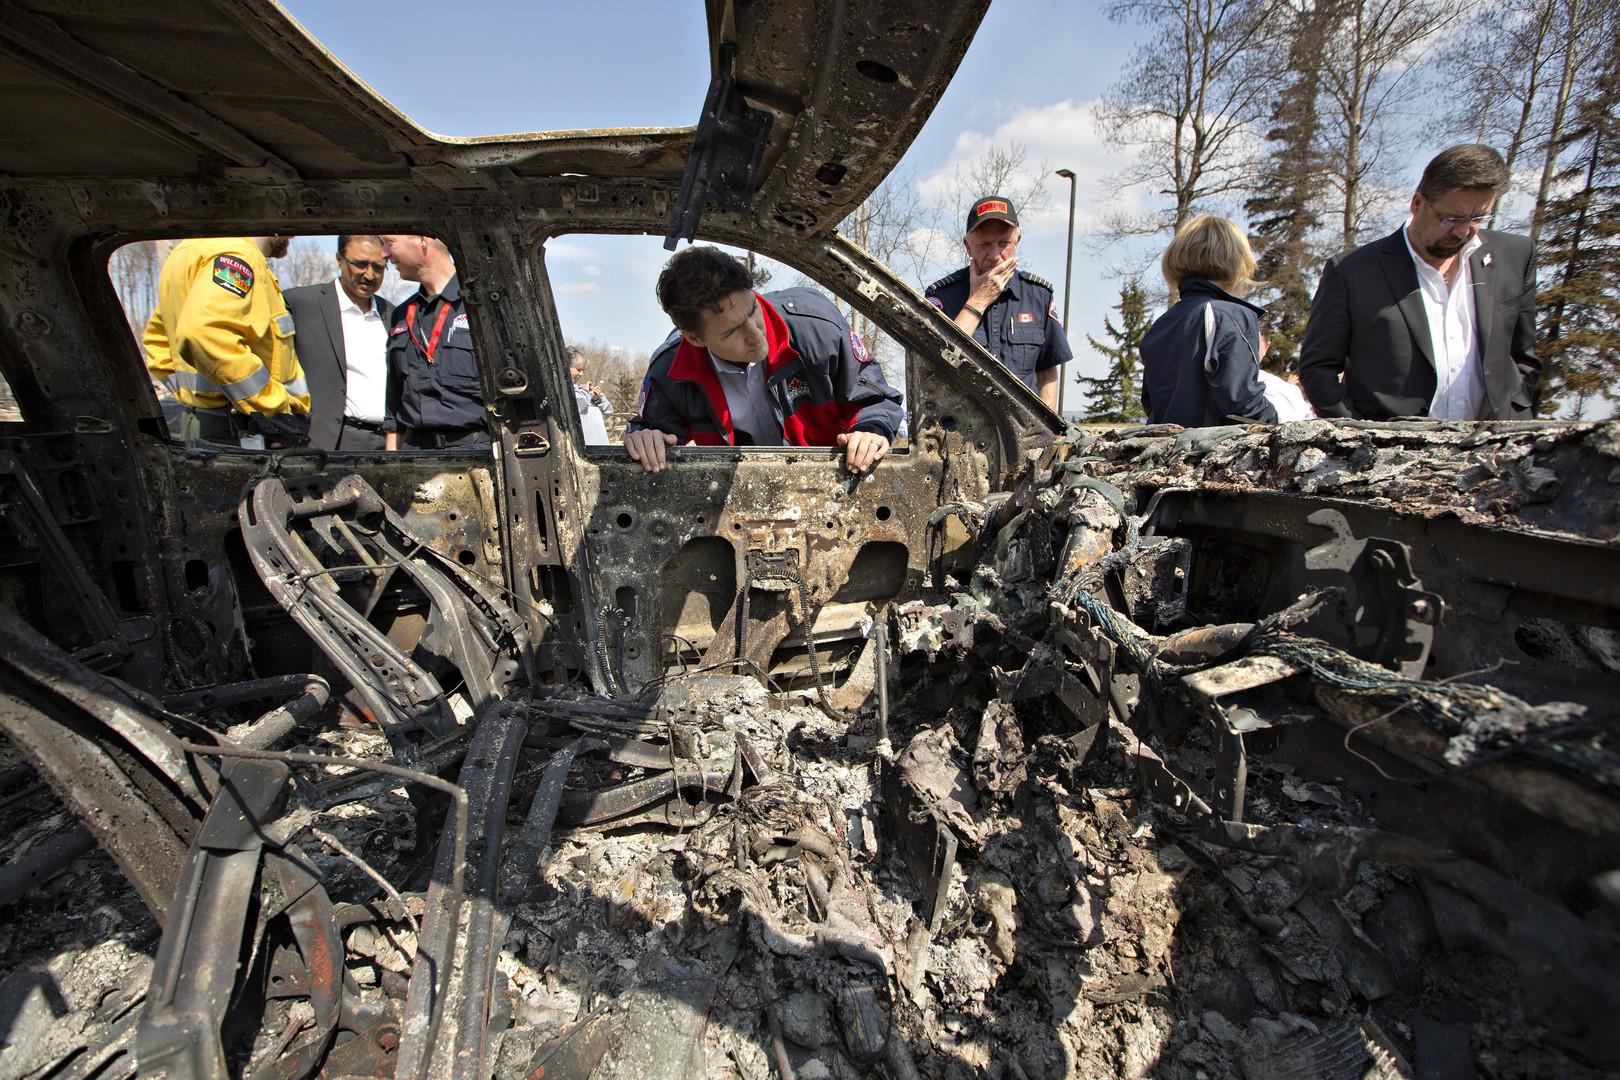 Премьер министр Канады Джастин Трюдо прибыл в опустошённый огнём Форт-МакМюррей в провинции Альберта